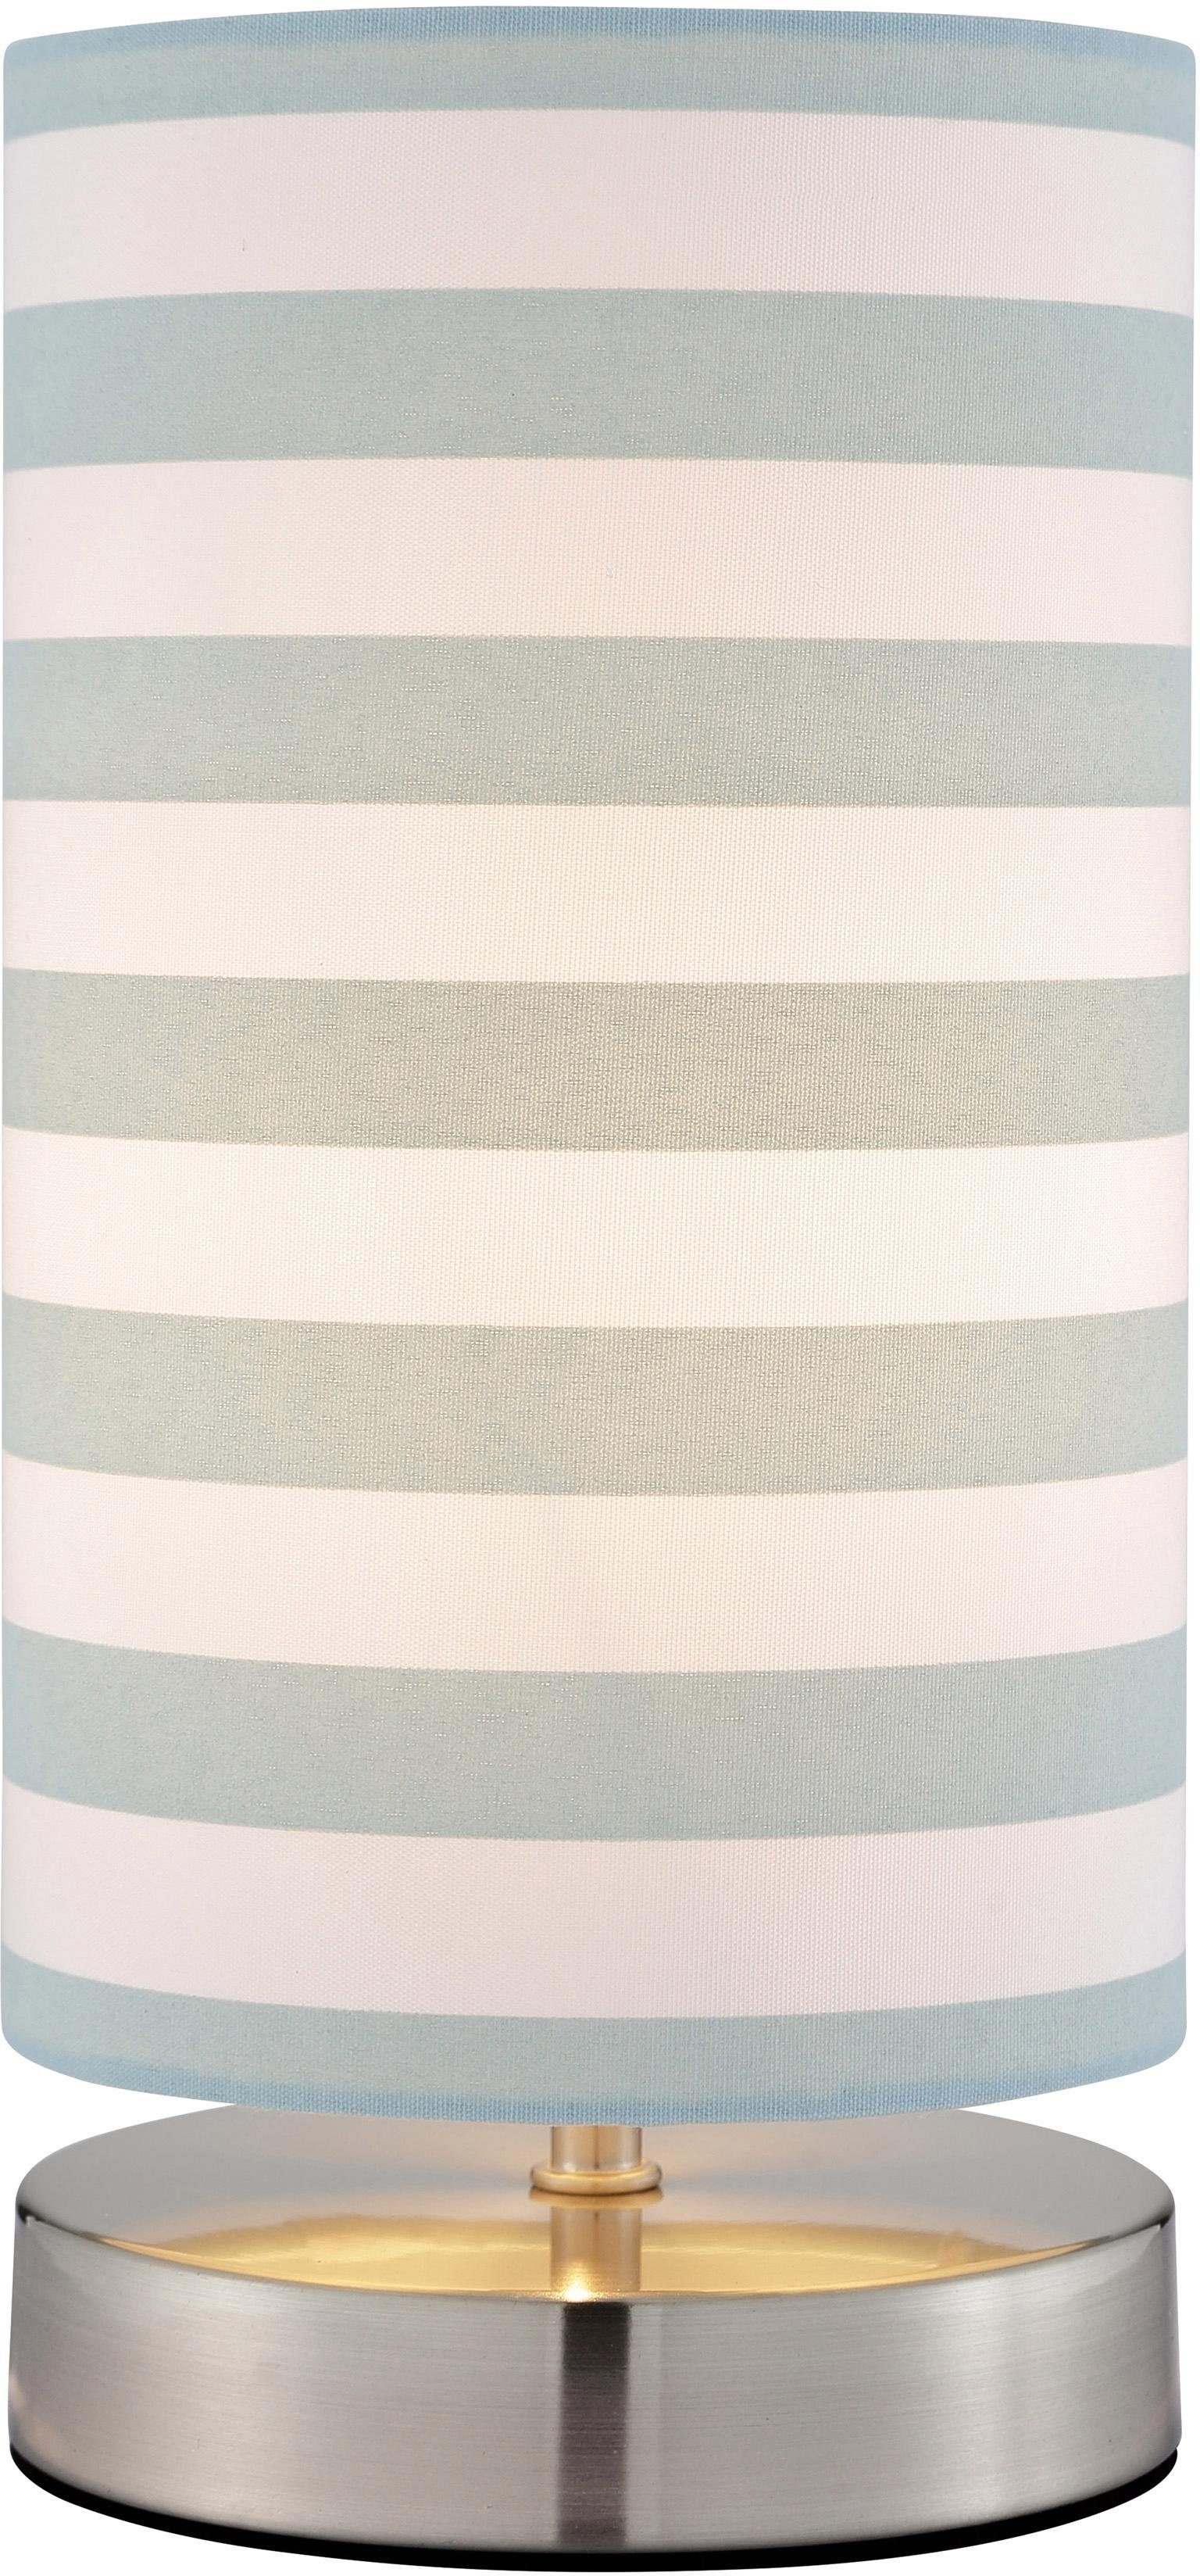 Lüttenhütt Tischleuchte Striepe, E14, Tischlampe mit Streifen - Stoffschirm Ø 12 cm, blau / weiß gestreift, Touch Dimmer